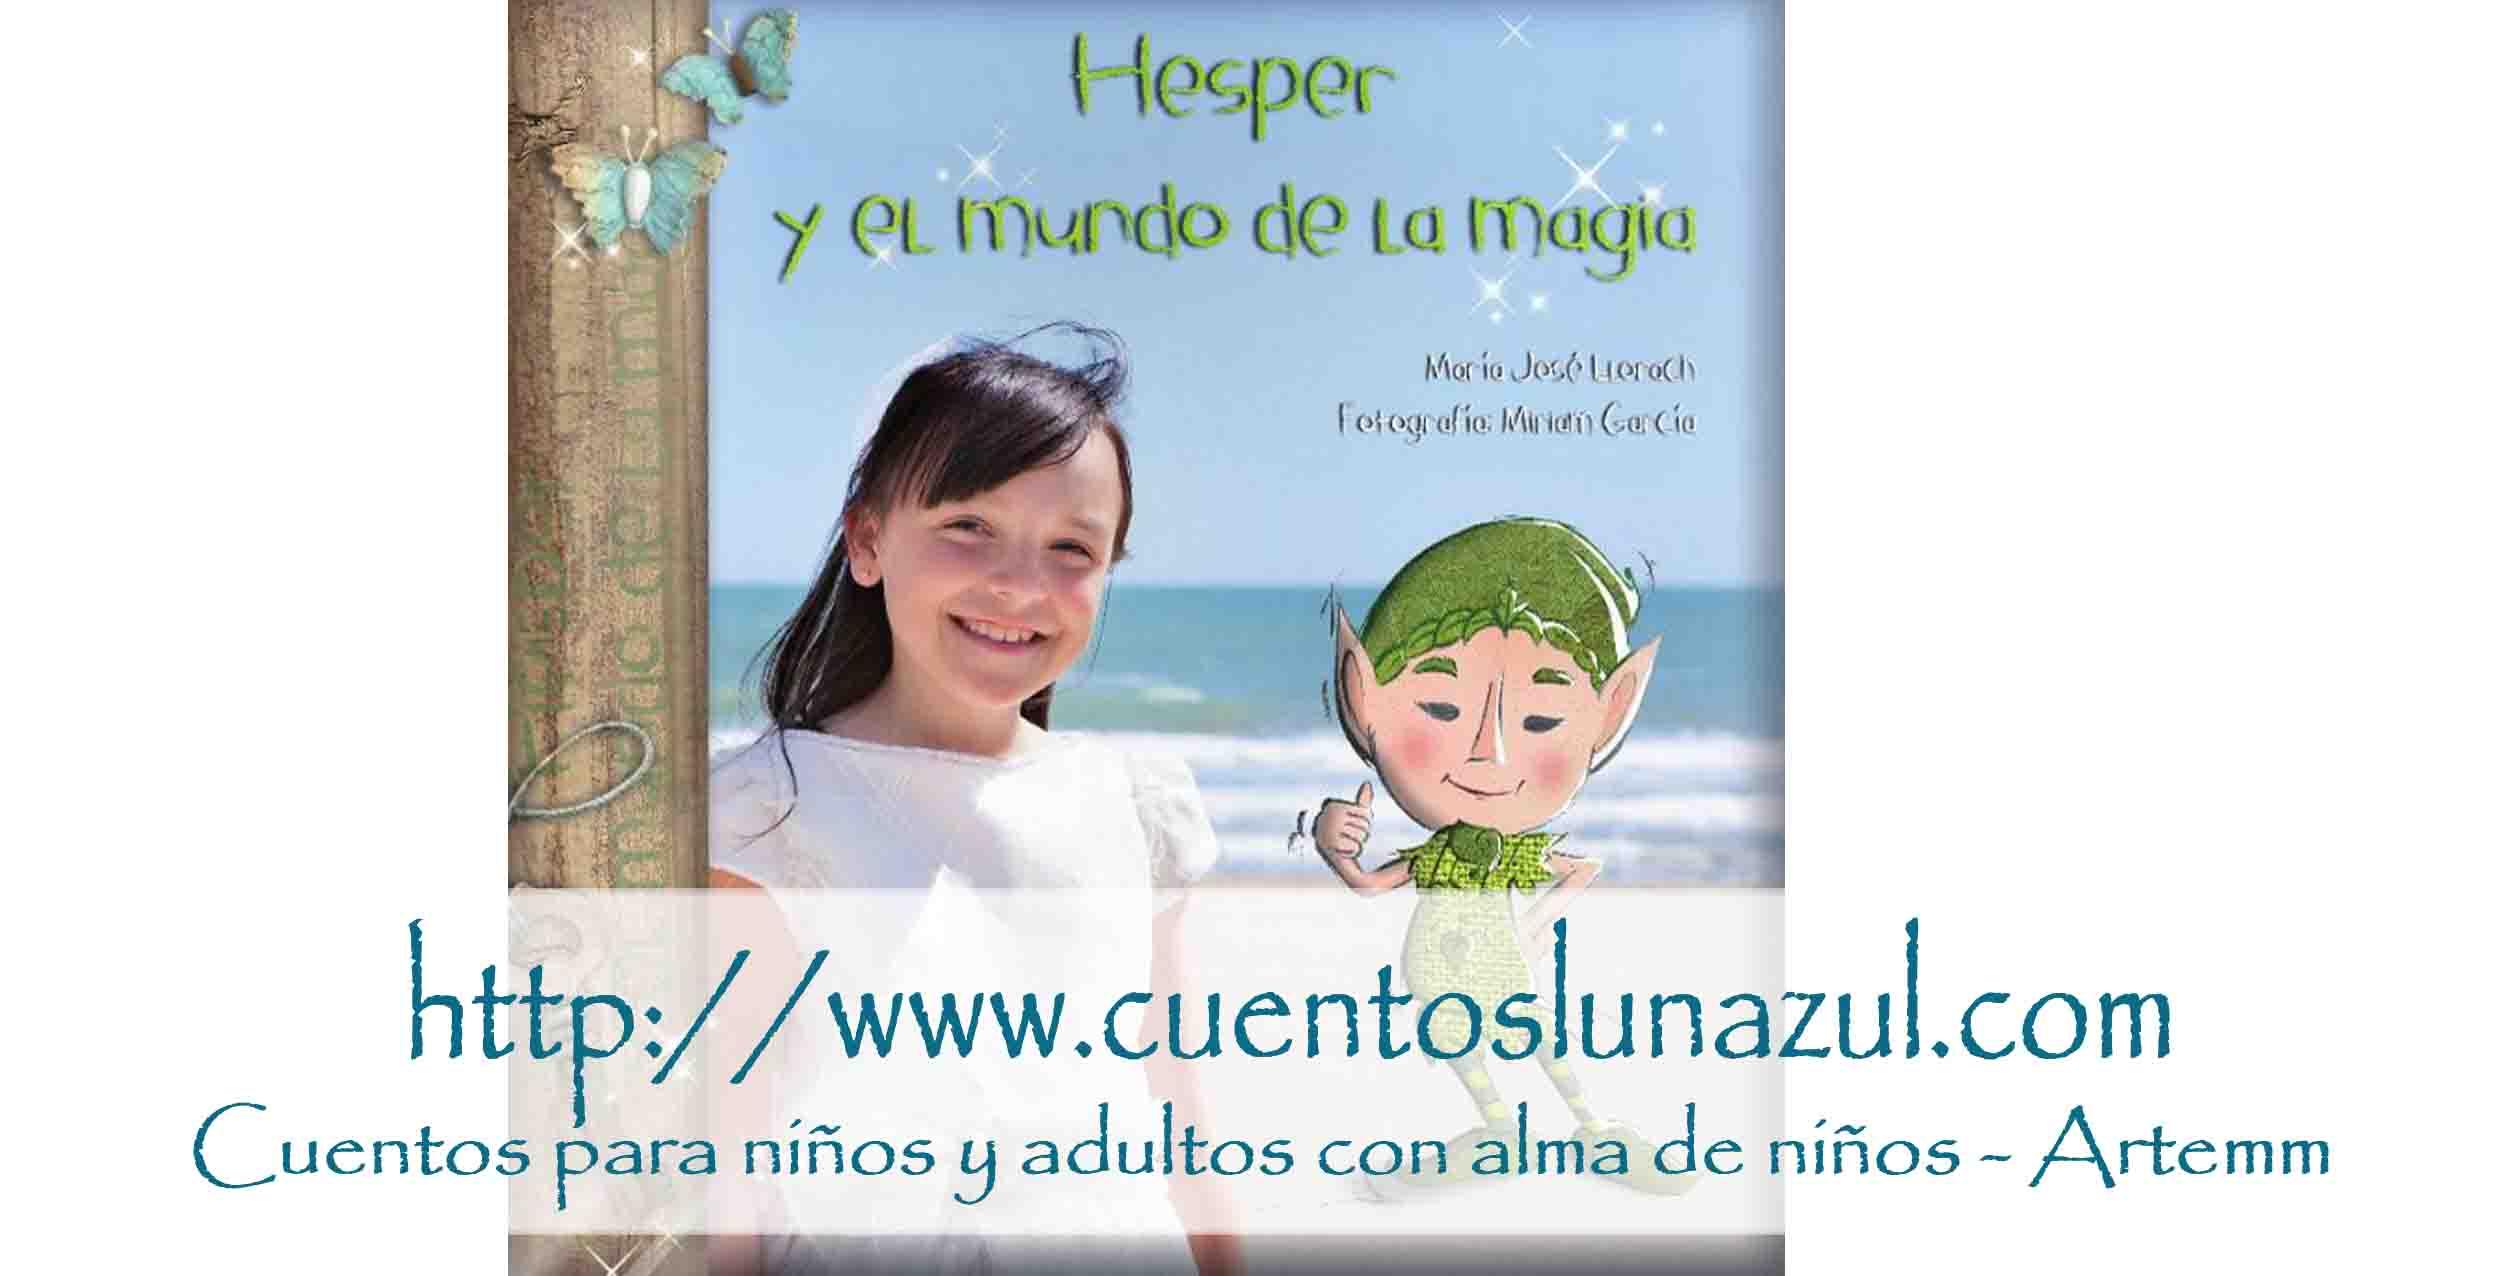 HESPER Y EL MUNDO DE LA MAGIA